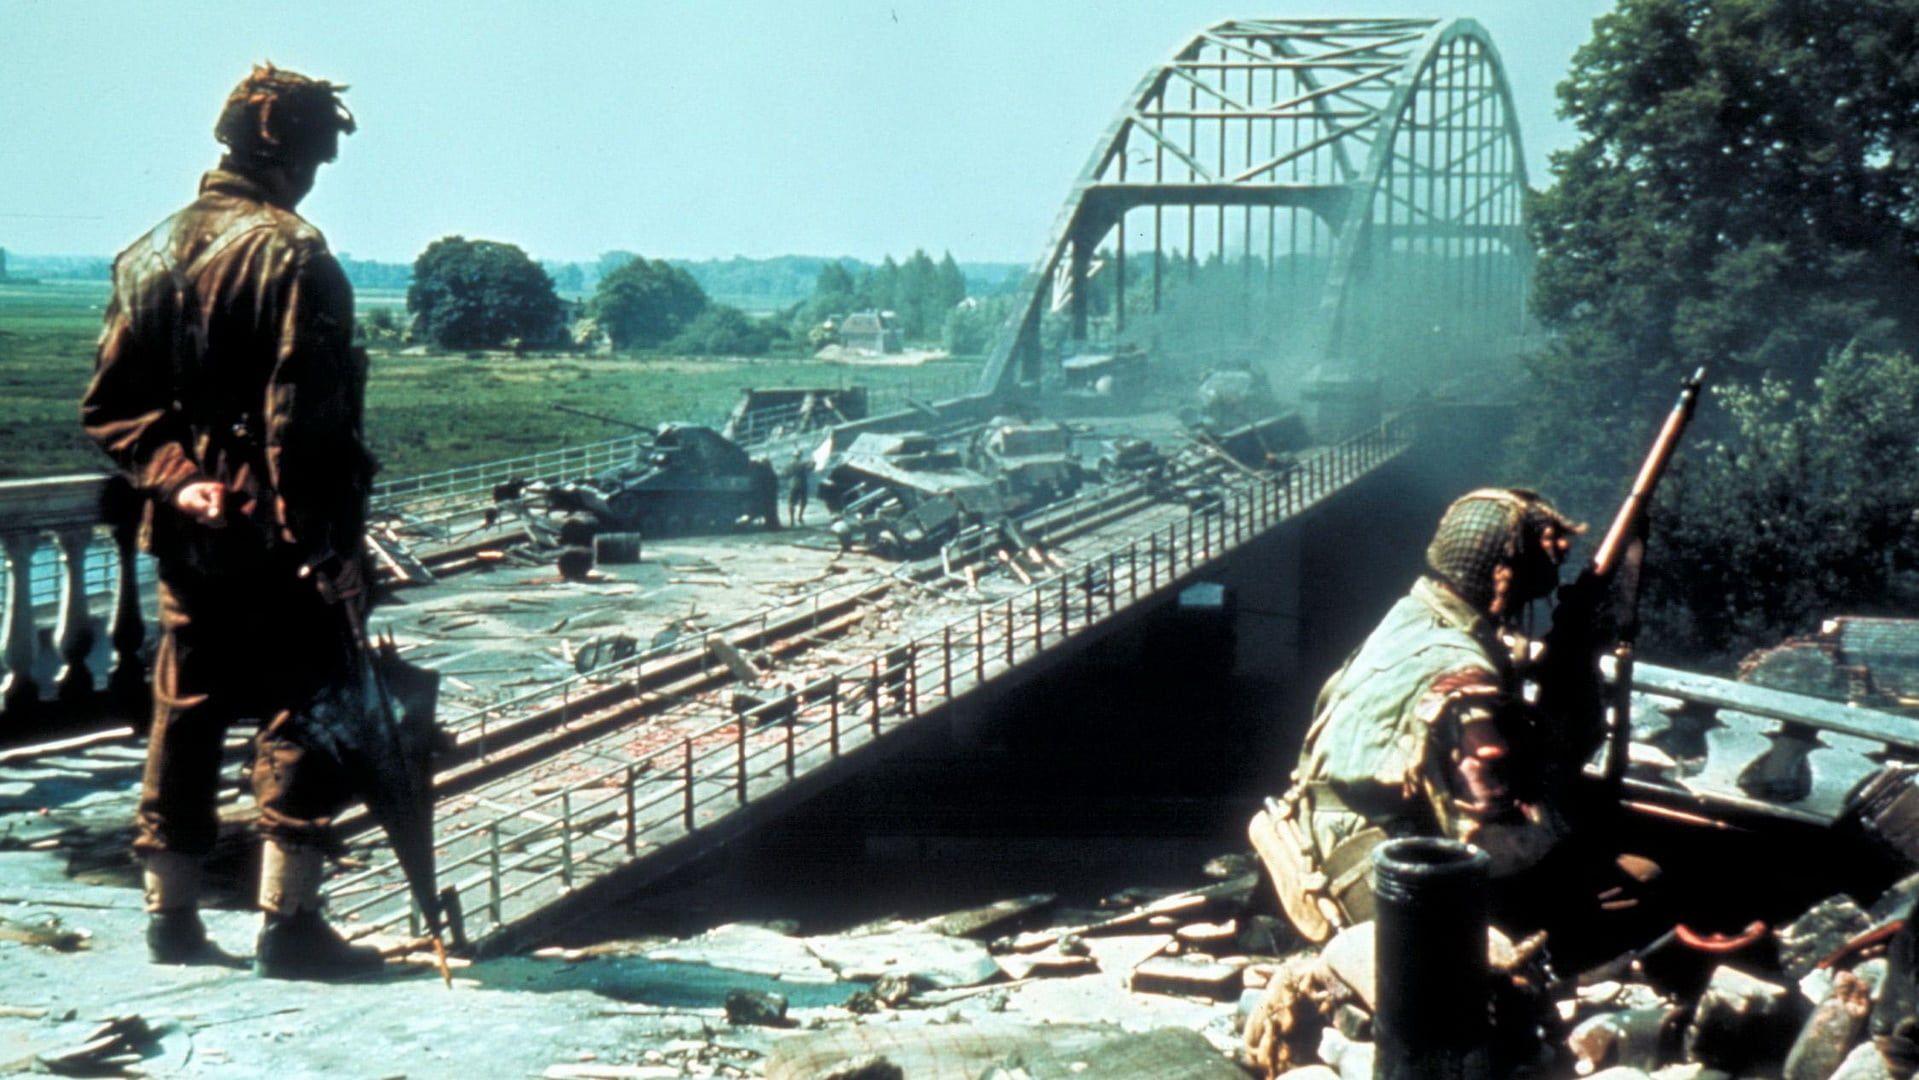 Im Spatsommer Des Jahres 1944 Eroffnet Der Britische General Browning Seinen Kommandeuren Einen Plan Den Feldmarschall Montgomery Entwickelt Hat D Arnhem Film